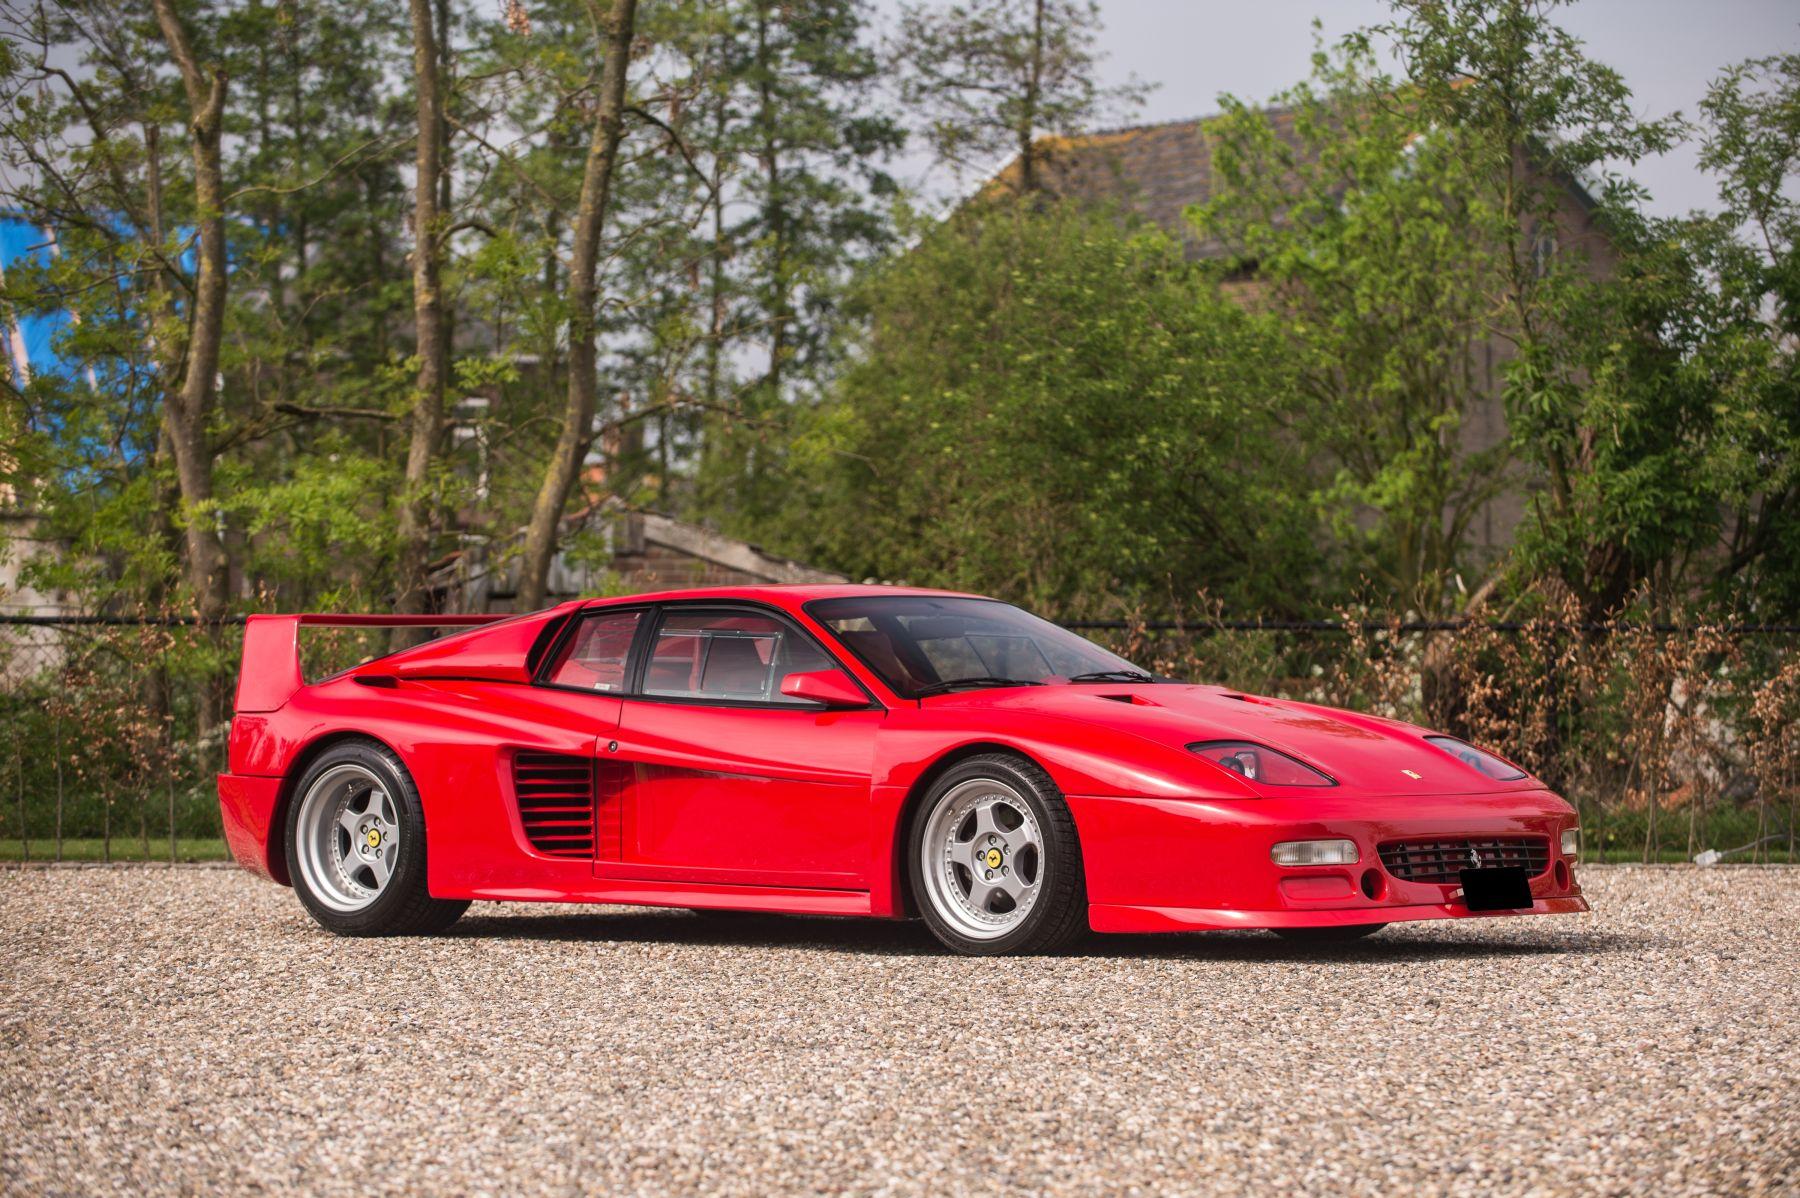 Used F350 For Sale >> 1987 Ferrari Testarossa | Classic Driver Market